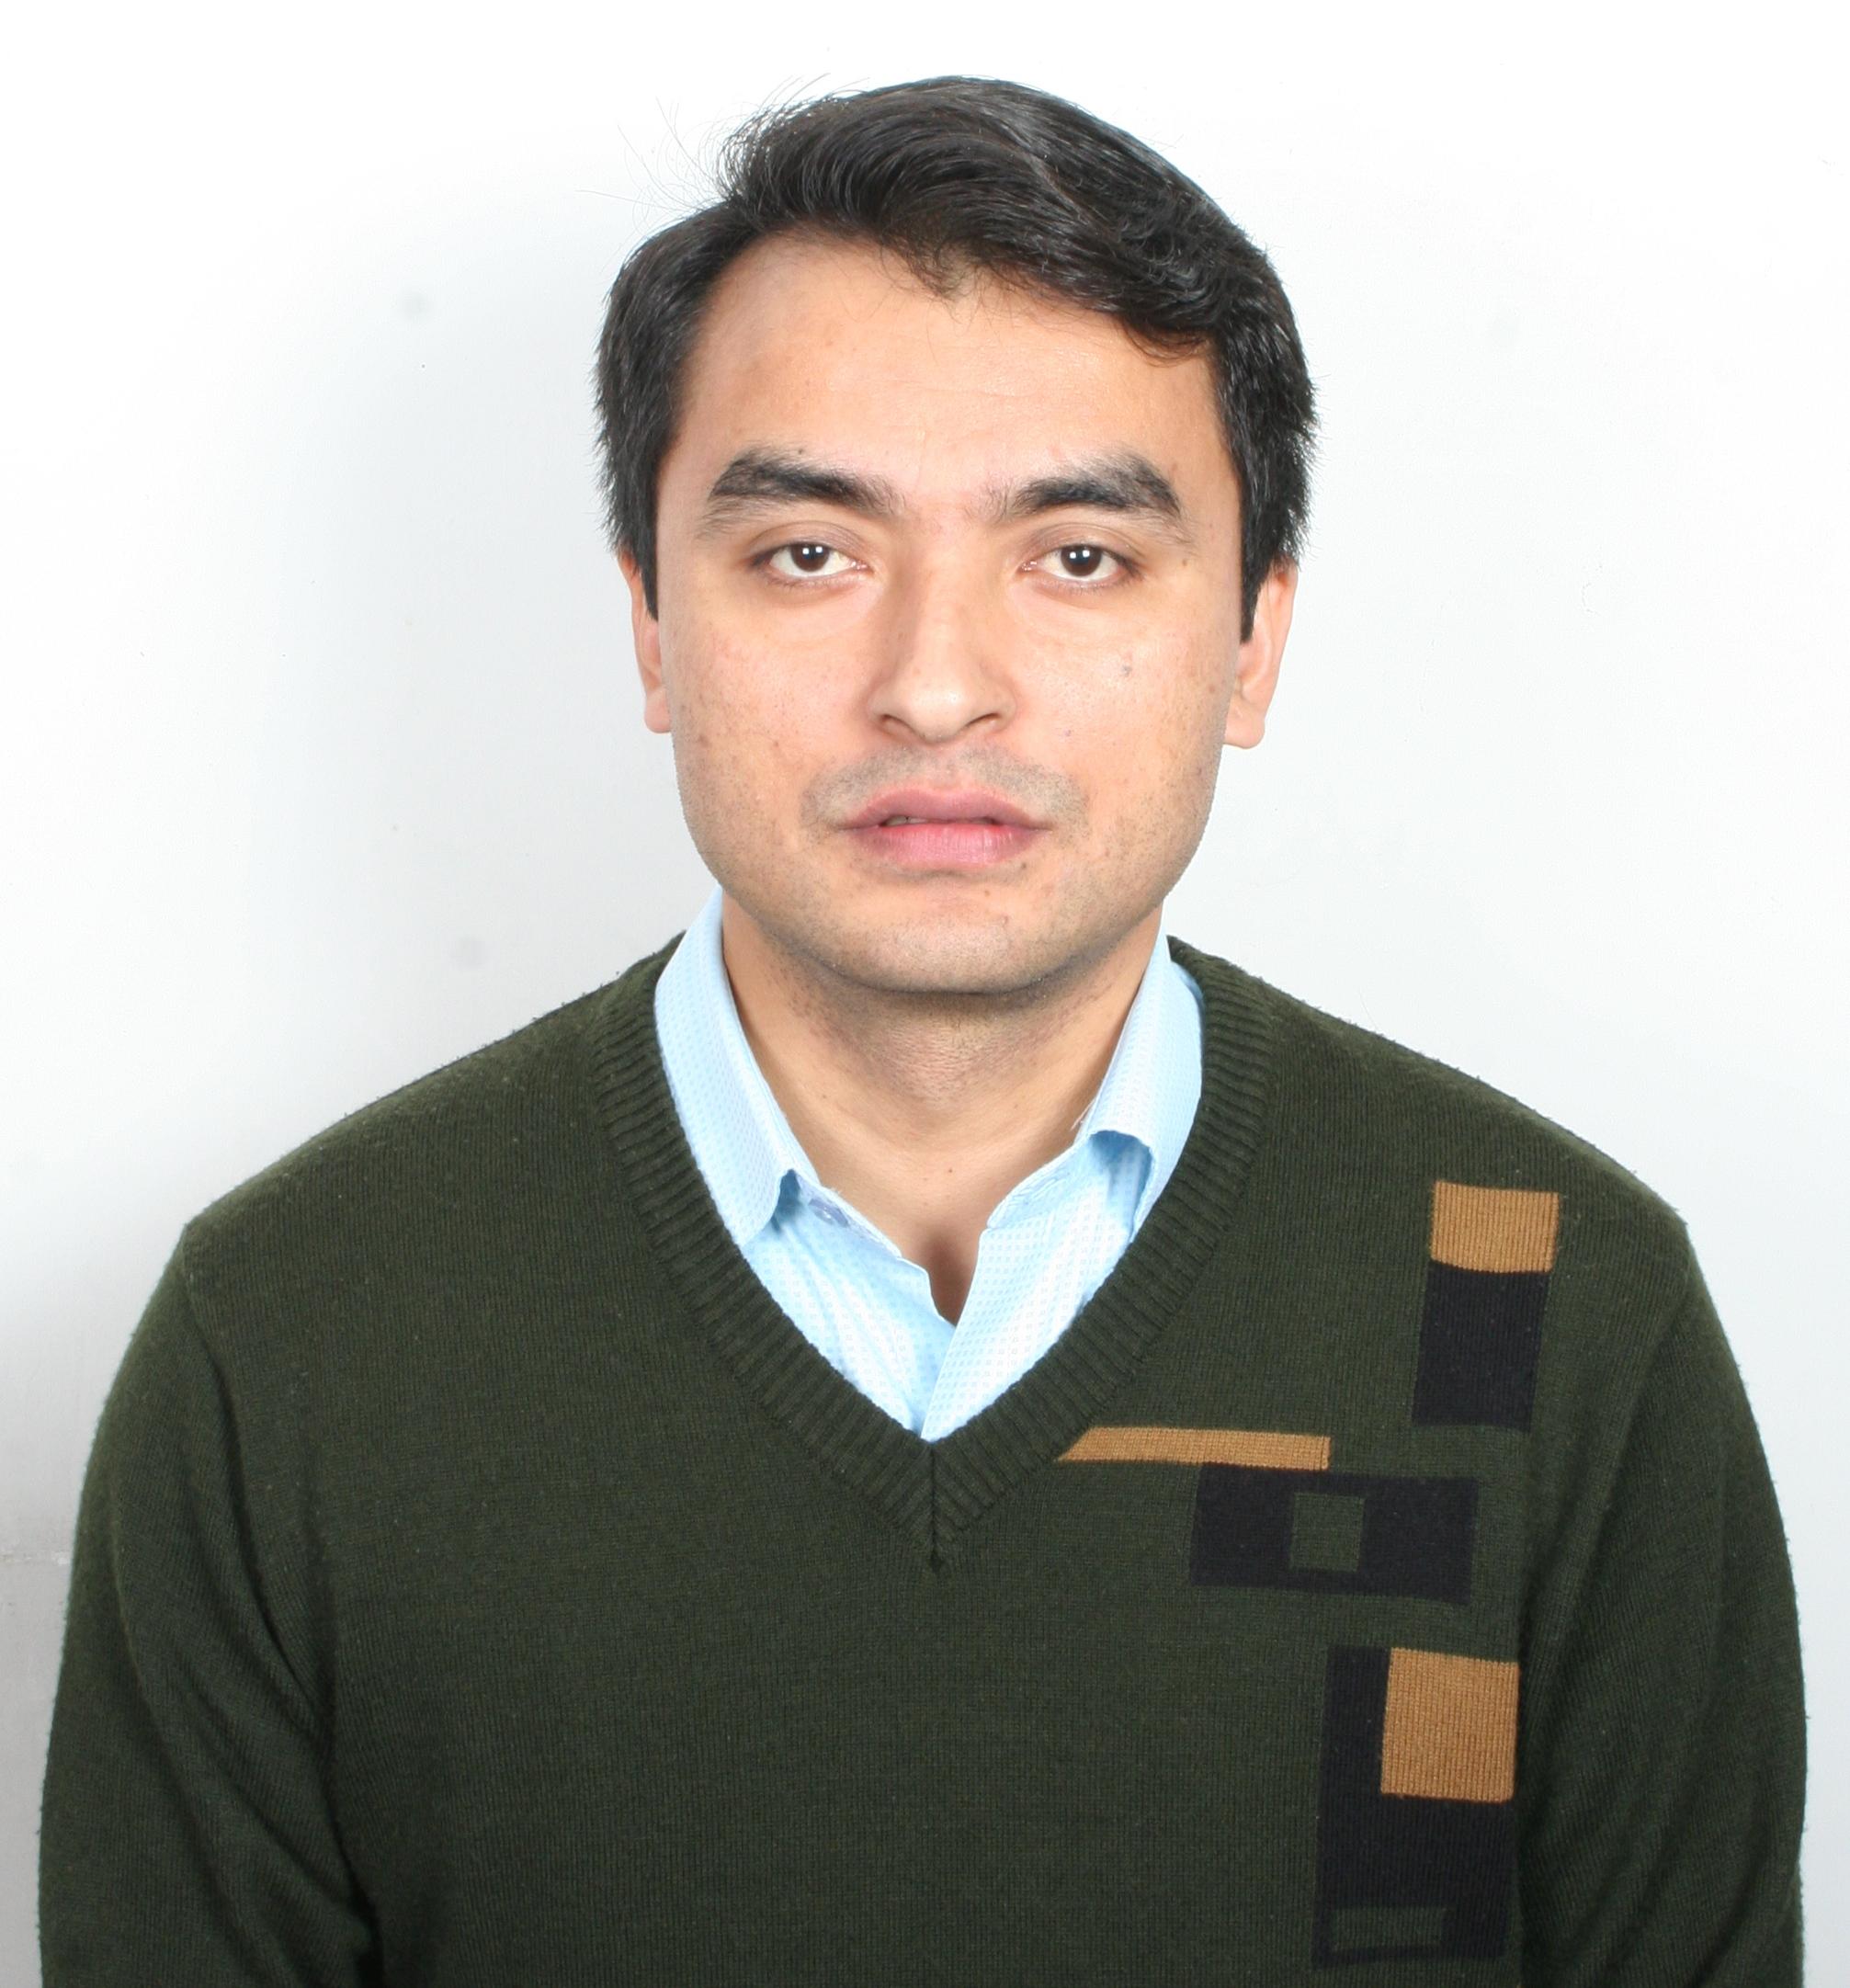 Dr. Kumar Basnet